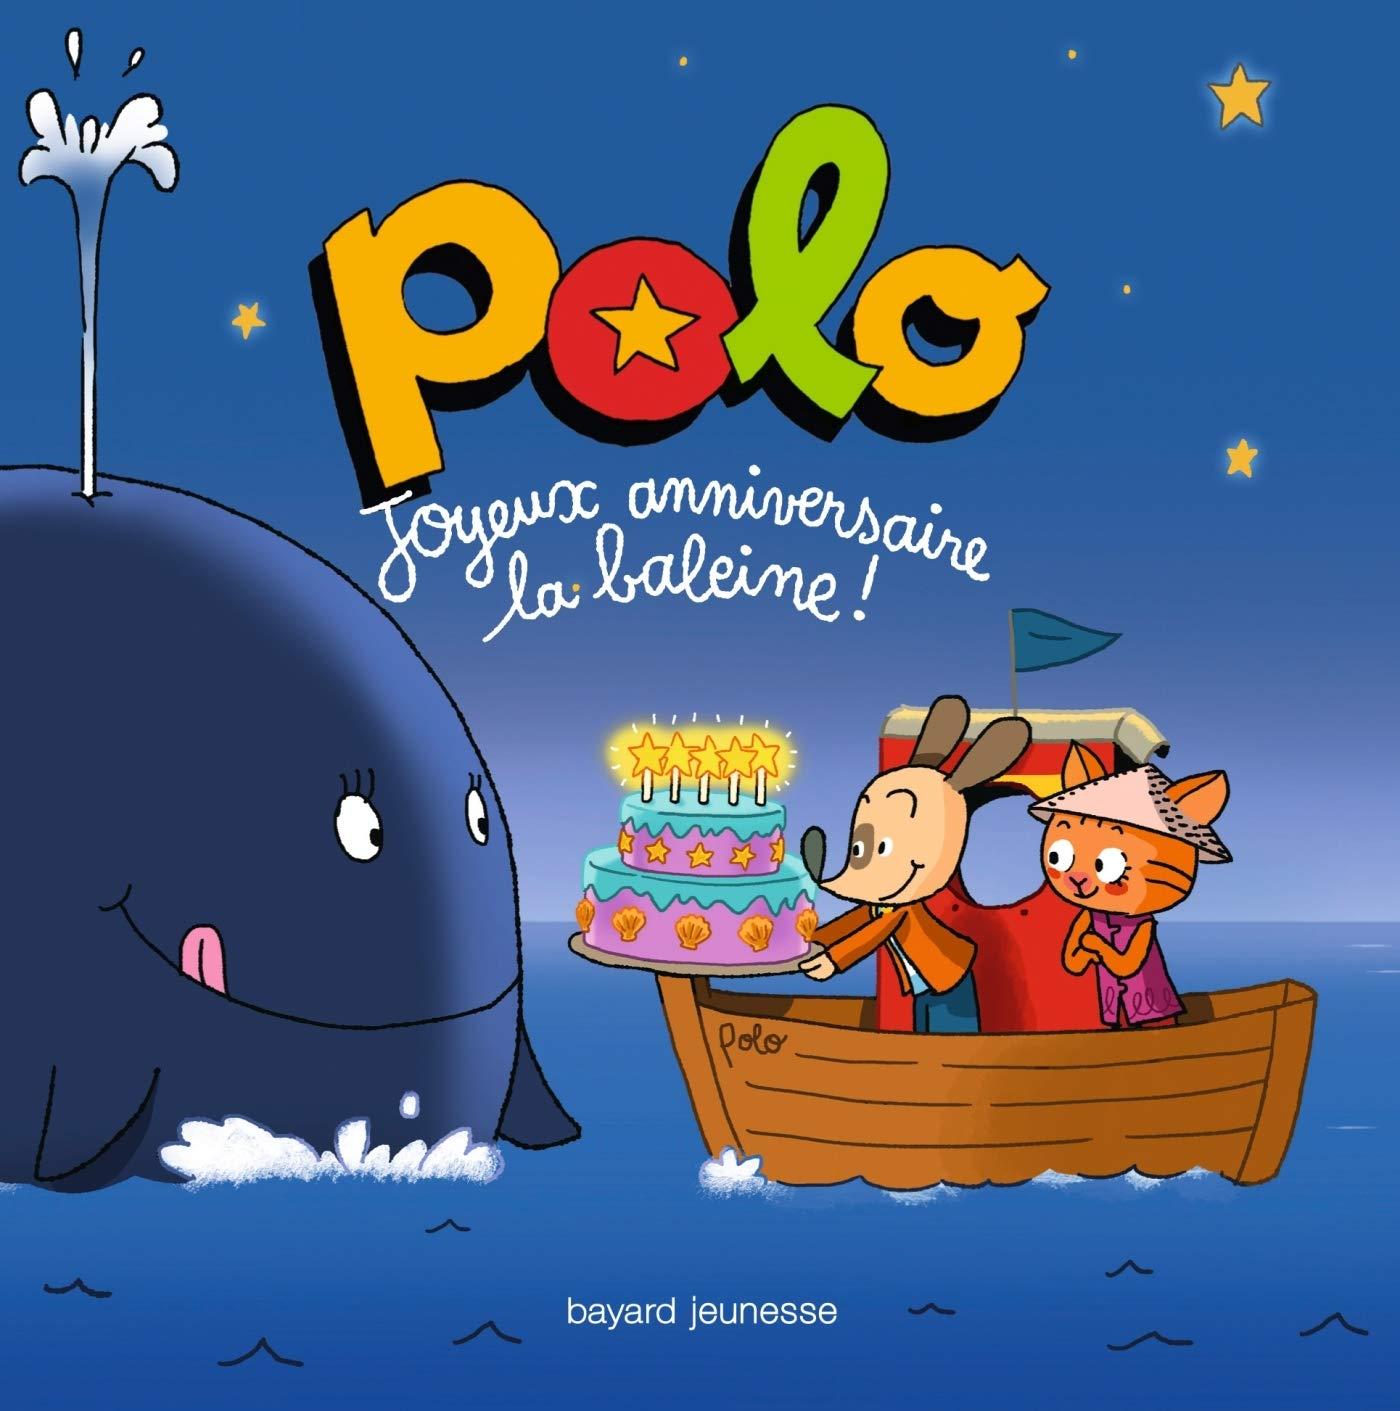 Joyeux anniversaire la baleine!: 1 Albums petite enfance: Amazon ...